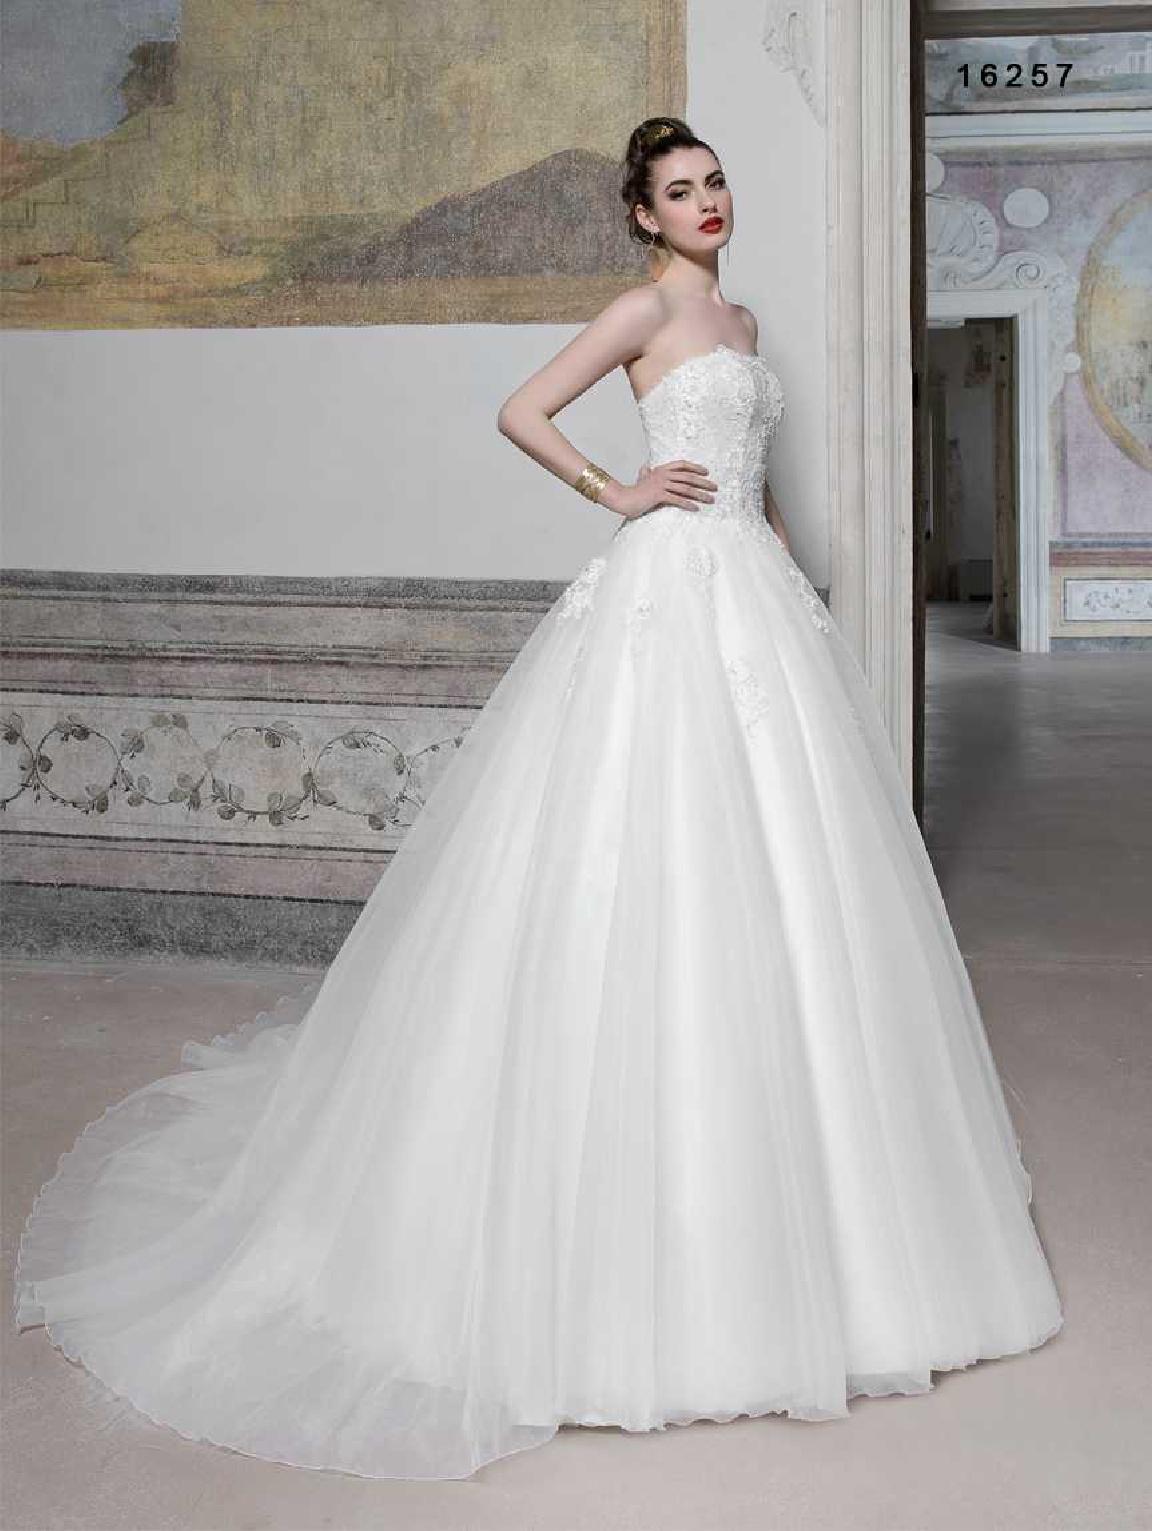 vinni-collezione-2017-abiti-sposa-58  ABITI DA SPOSA